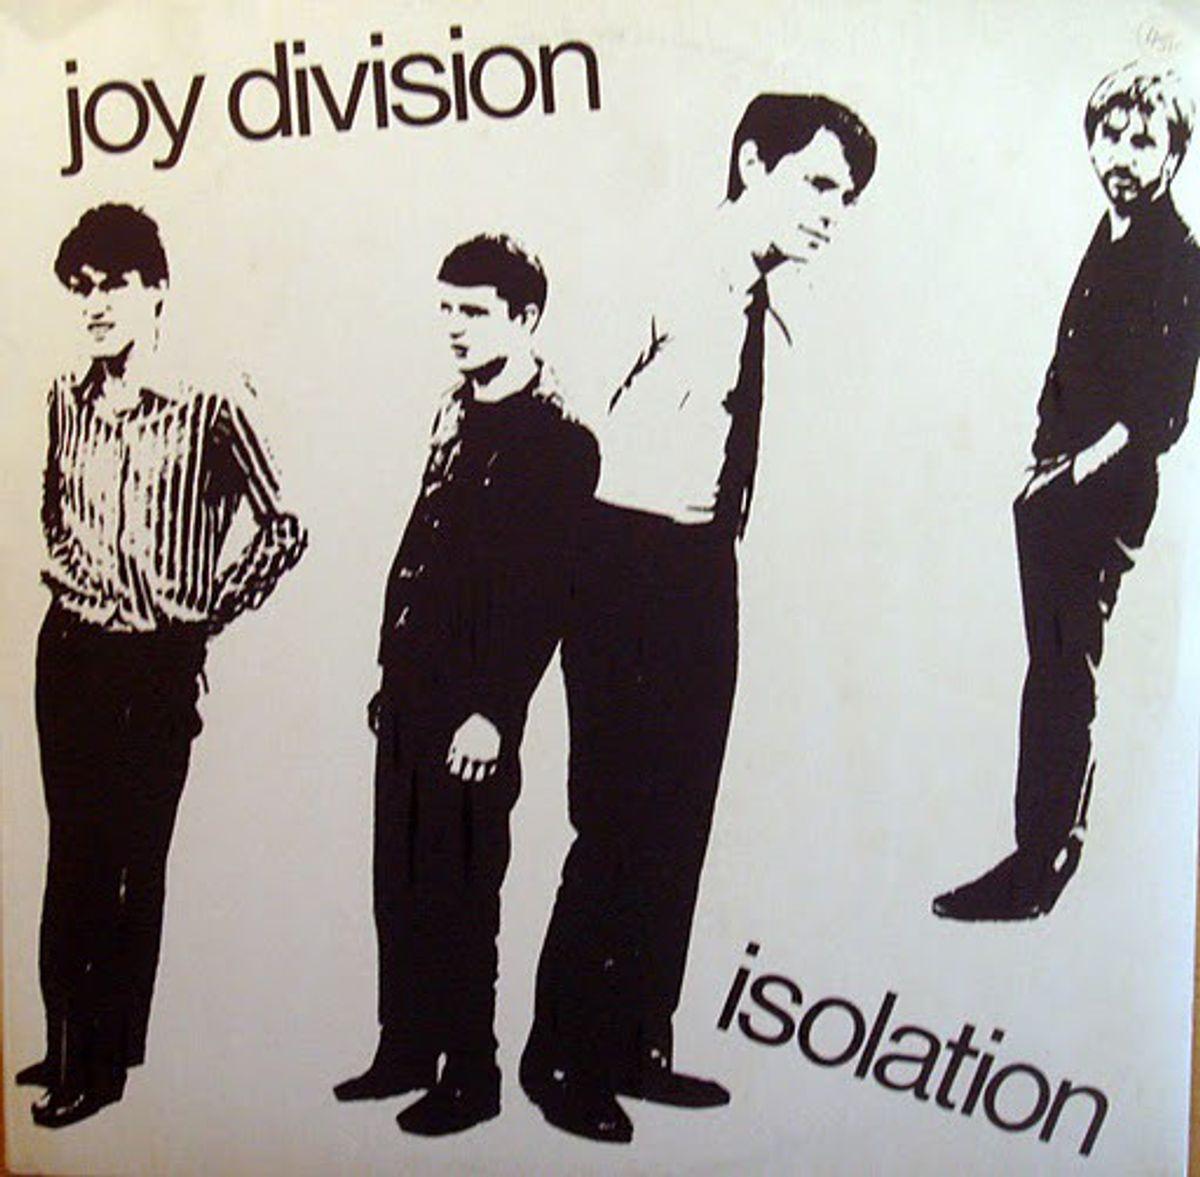 #Quarantainemuziek - Joy Division - Isolation (1980)